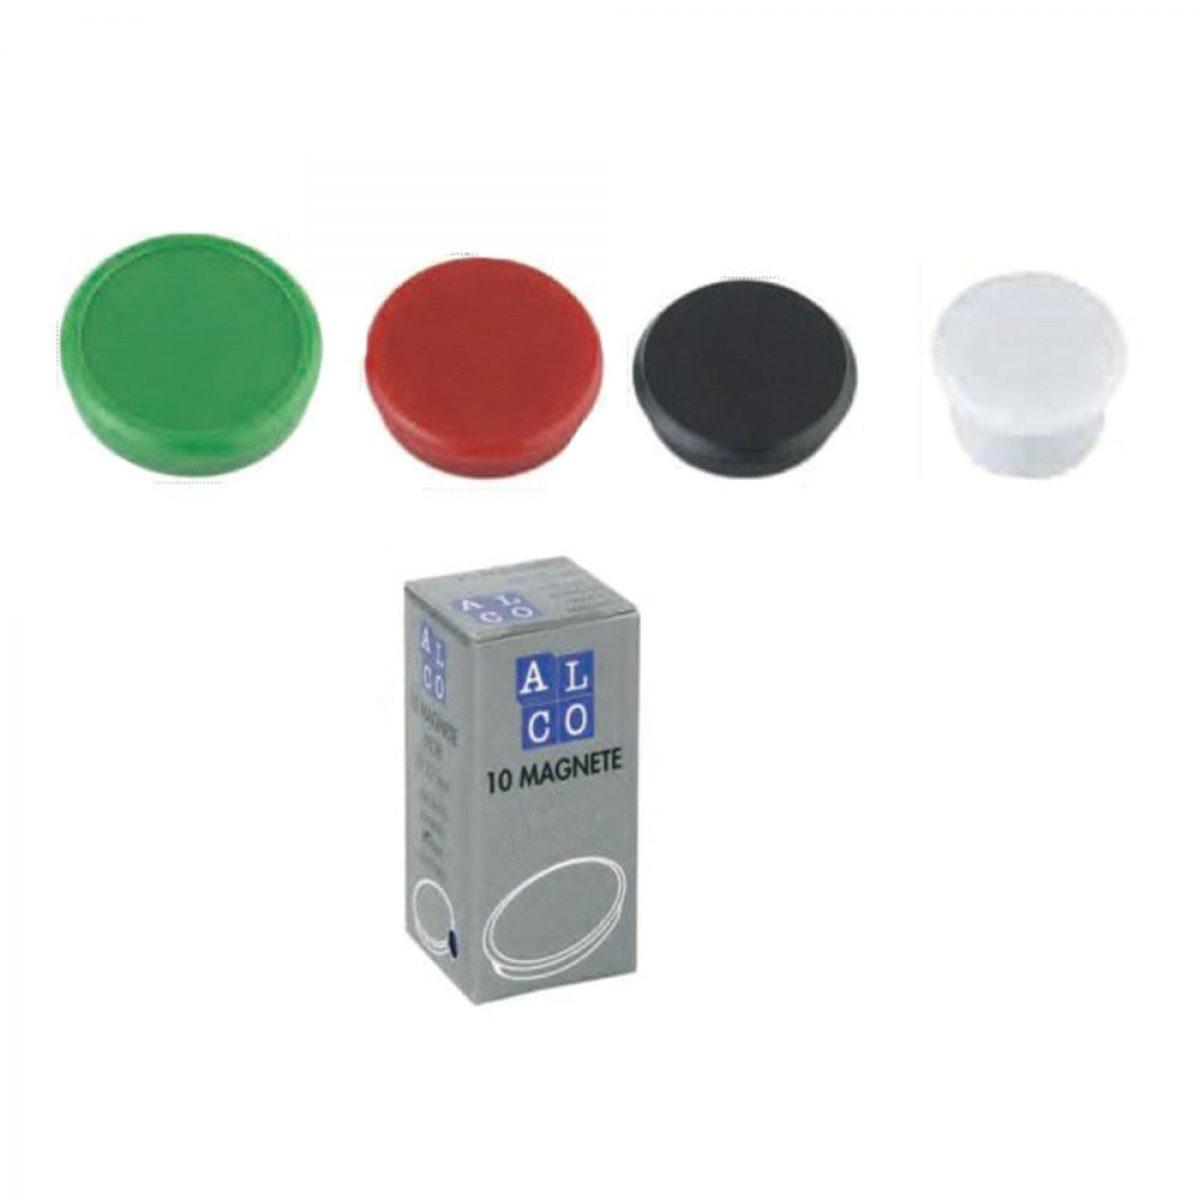 Magneti pentru tabla, D24 mm, ALCO, 10 buc/set